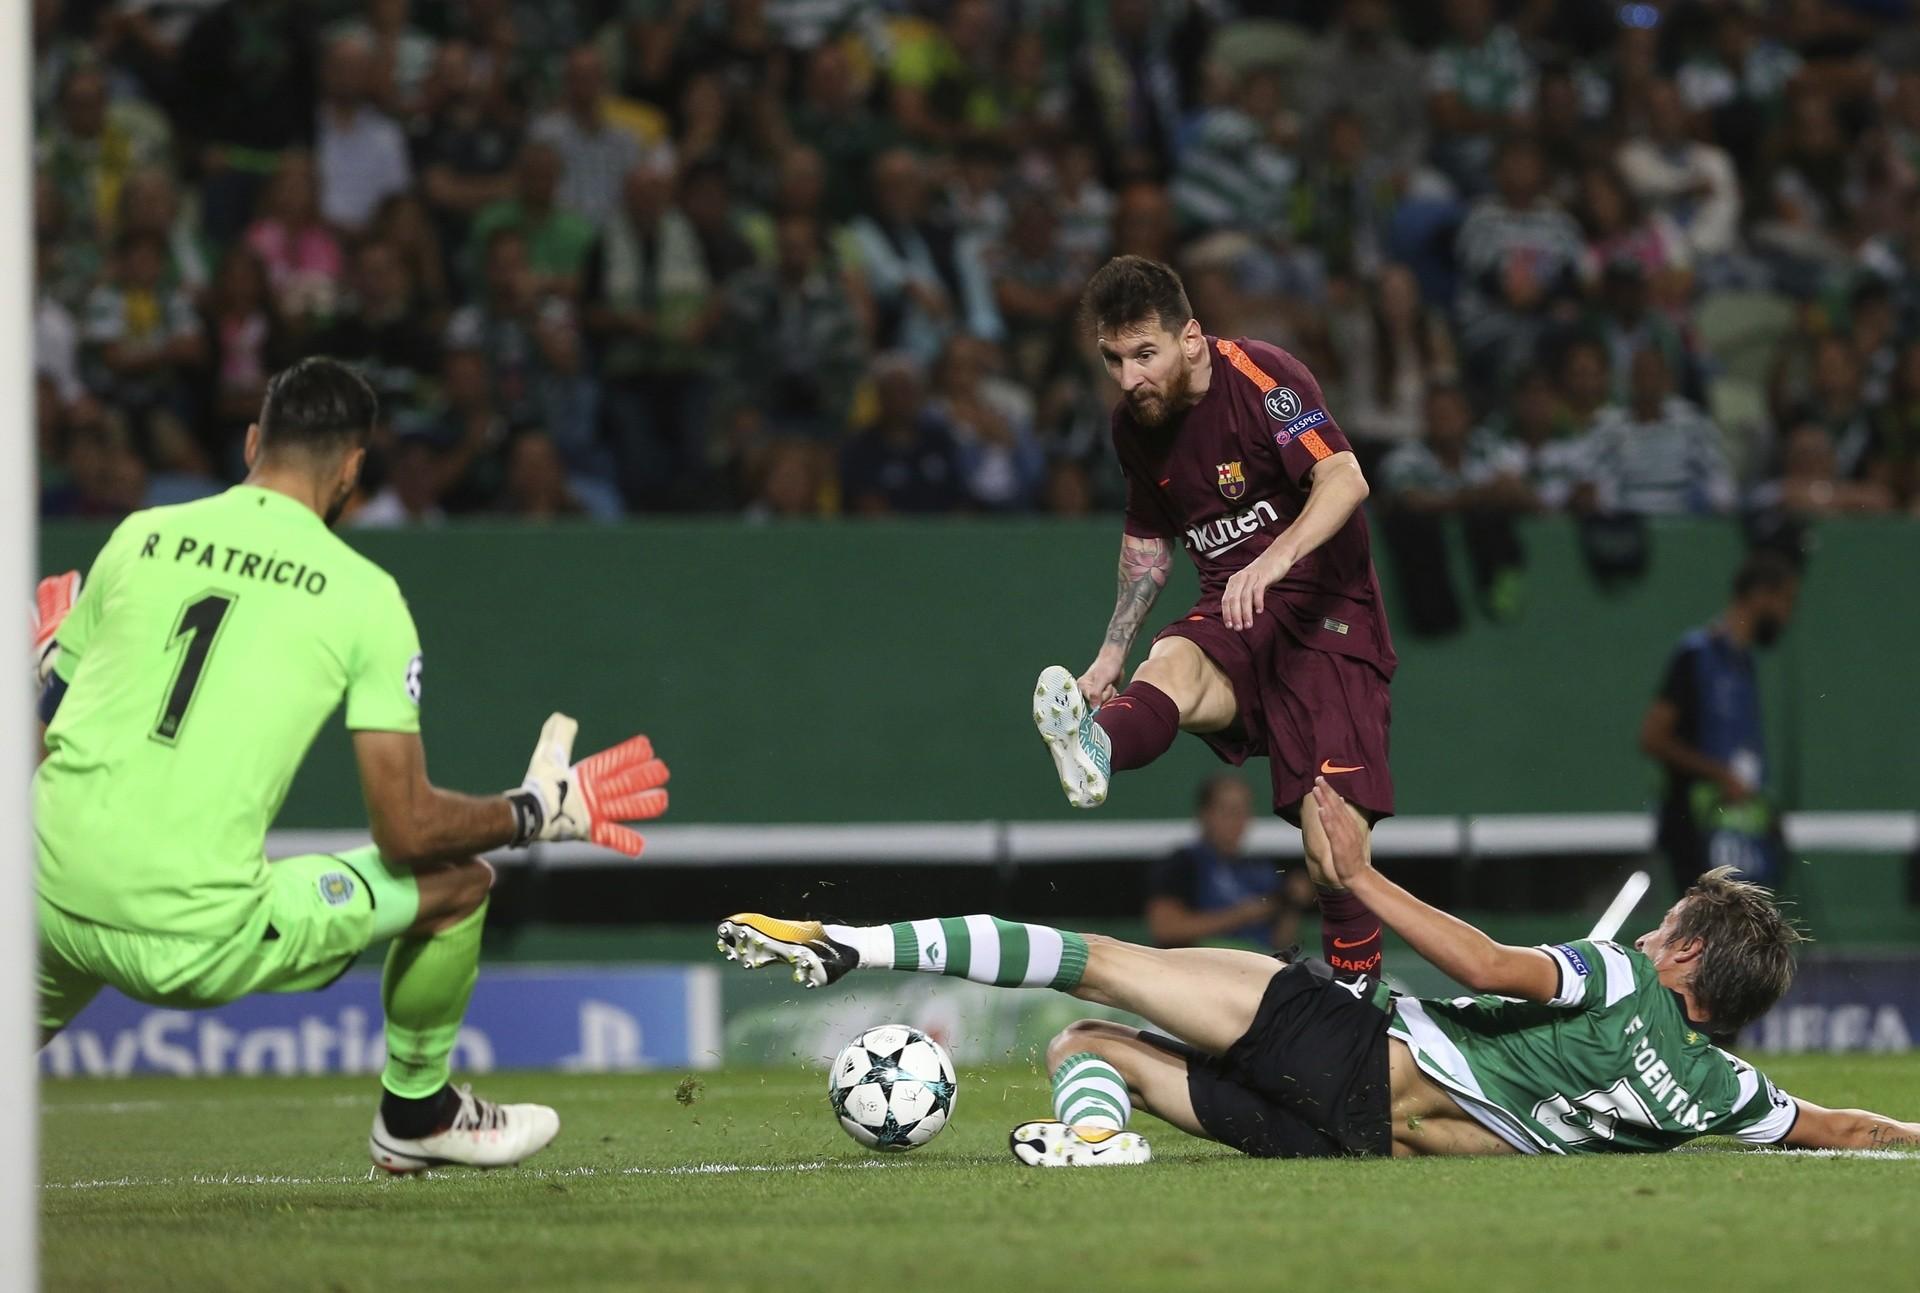 7d8d15701f58a 27 września 2017 23:06 27.09.2017 23:06. Liga Mistrzów. Barcelona wywiozła  trzy punkty z Lizbony po samobóju ©EastNews